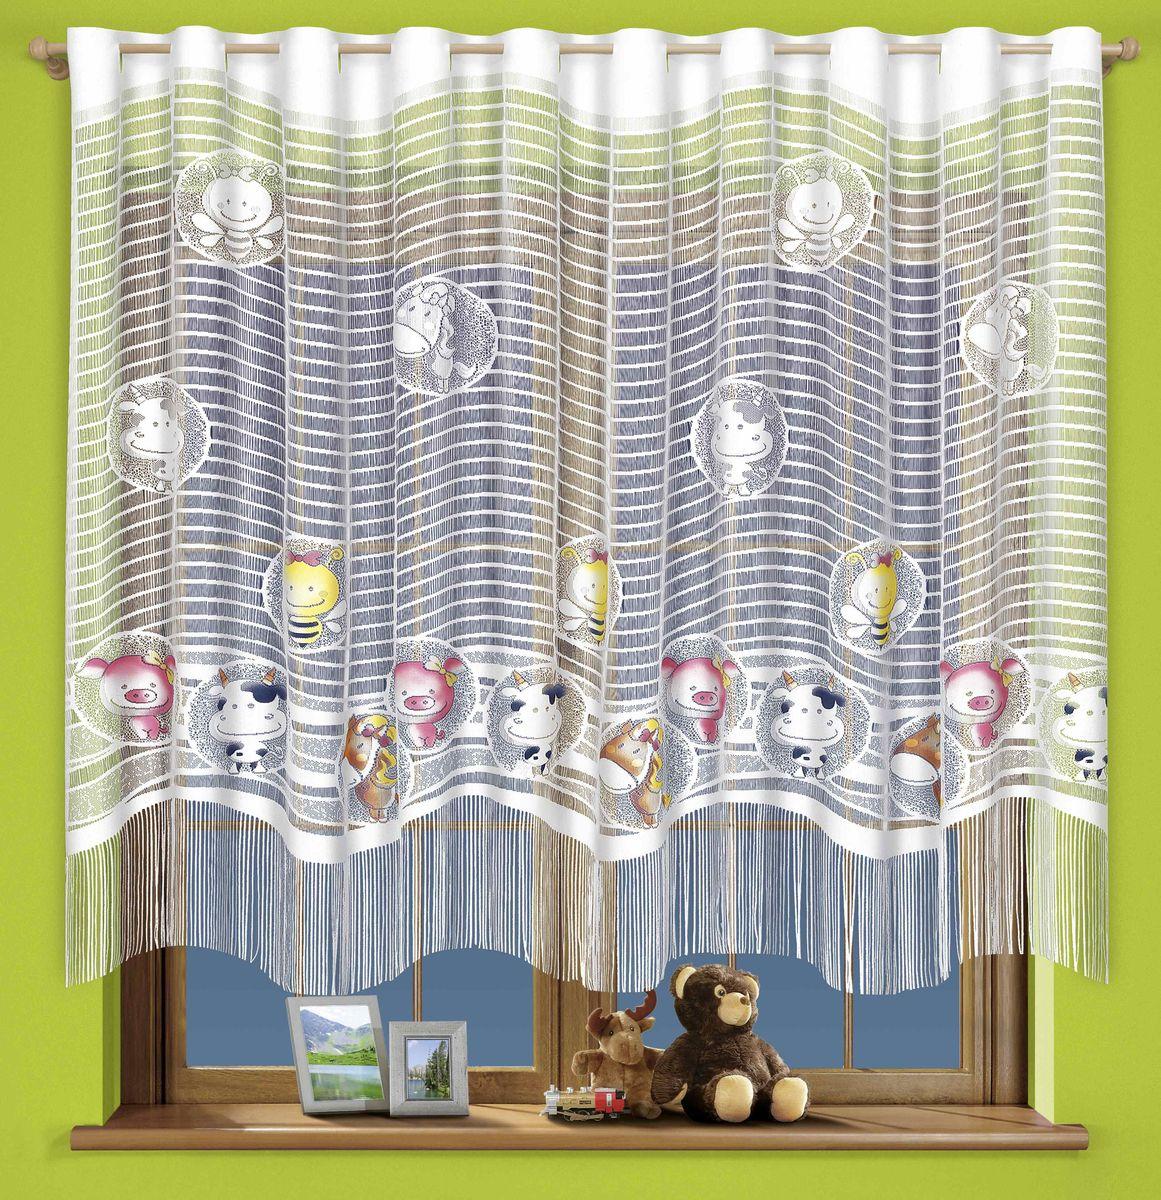 Гардина Wisan Zwierzaki, на петлях, цвет: белый, высота 160 см710АГардина Wisan Zwierzaki изготовлена из белого полиэстера, легкой, тонкой ткани. Изделие выполнено из бахромы, с забавными вставками зверушек. Тонкое плетение, оригинальный дизайн и приятная цветовая гамма привлекут к себе внимание и органично впишутся в интерьер кухни. Оригинальное оформление гардины внесет разнообразие и подарит заряд положительного настроения. Верхняя часть гардины оснащена петлями для круглого карниза.